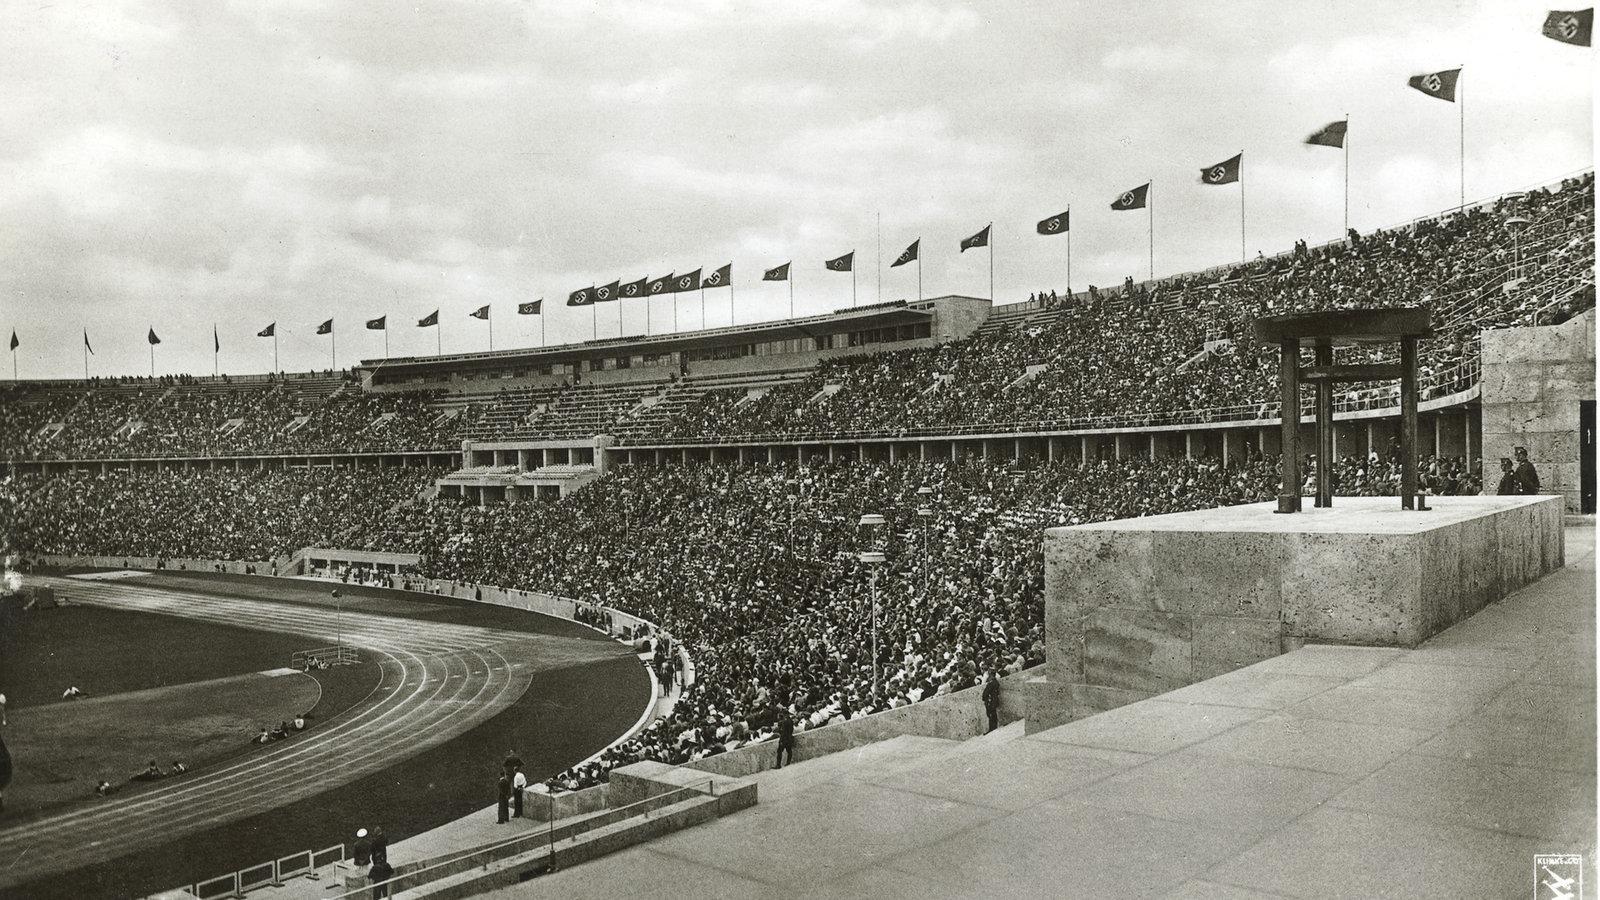 olympische spiele die olympischen spiele 1936 sport gesellschaft planet wissen. Black Bedroom Furniture Sets. Home Design Ideas